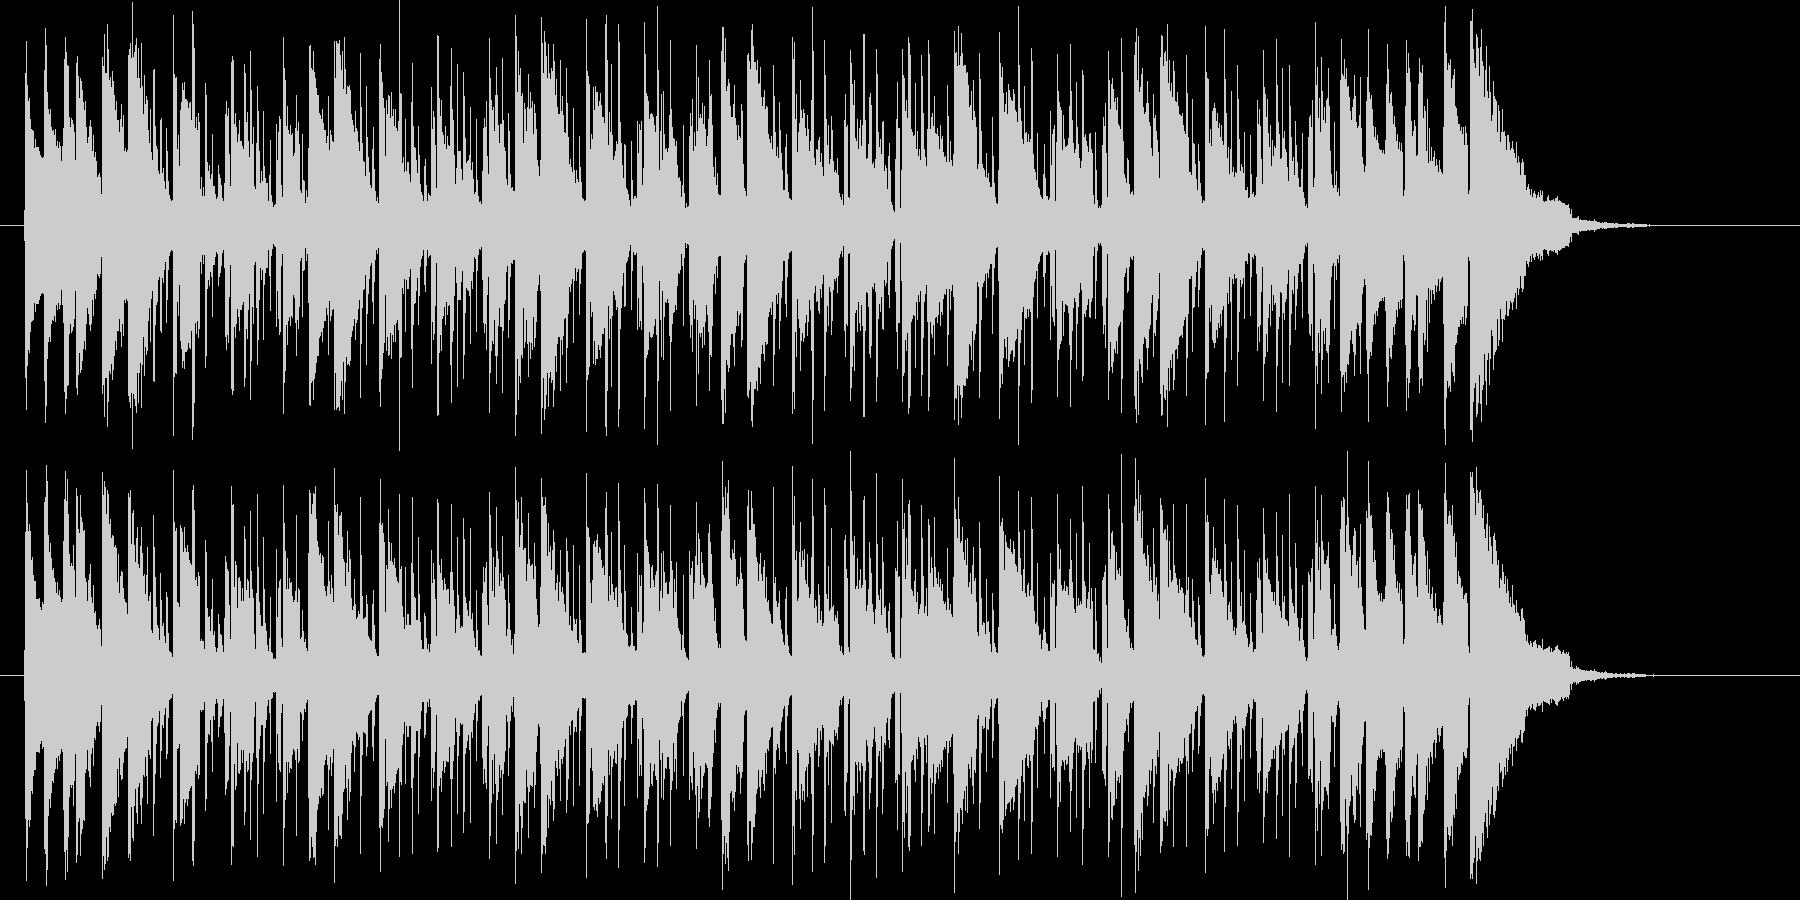 ベースが心地よい華やかなシンセの曲の未再生の波形